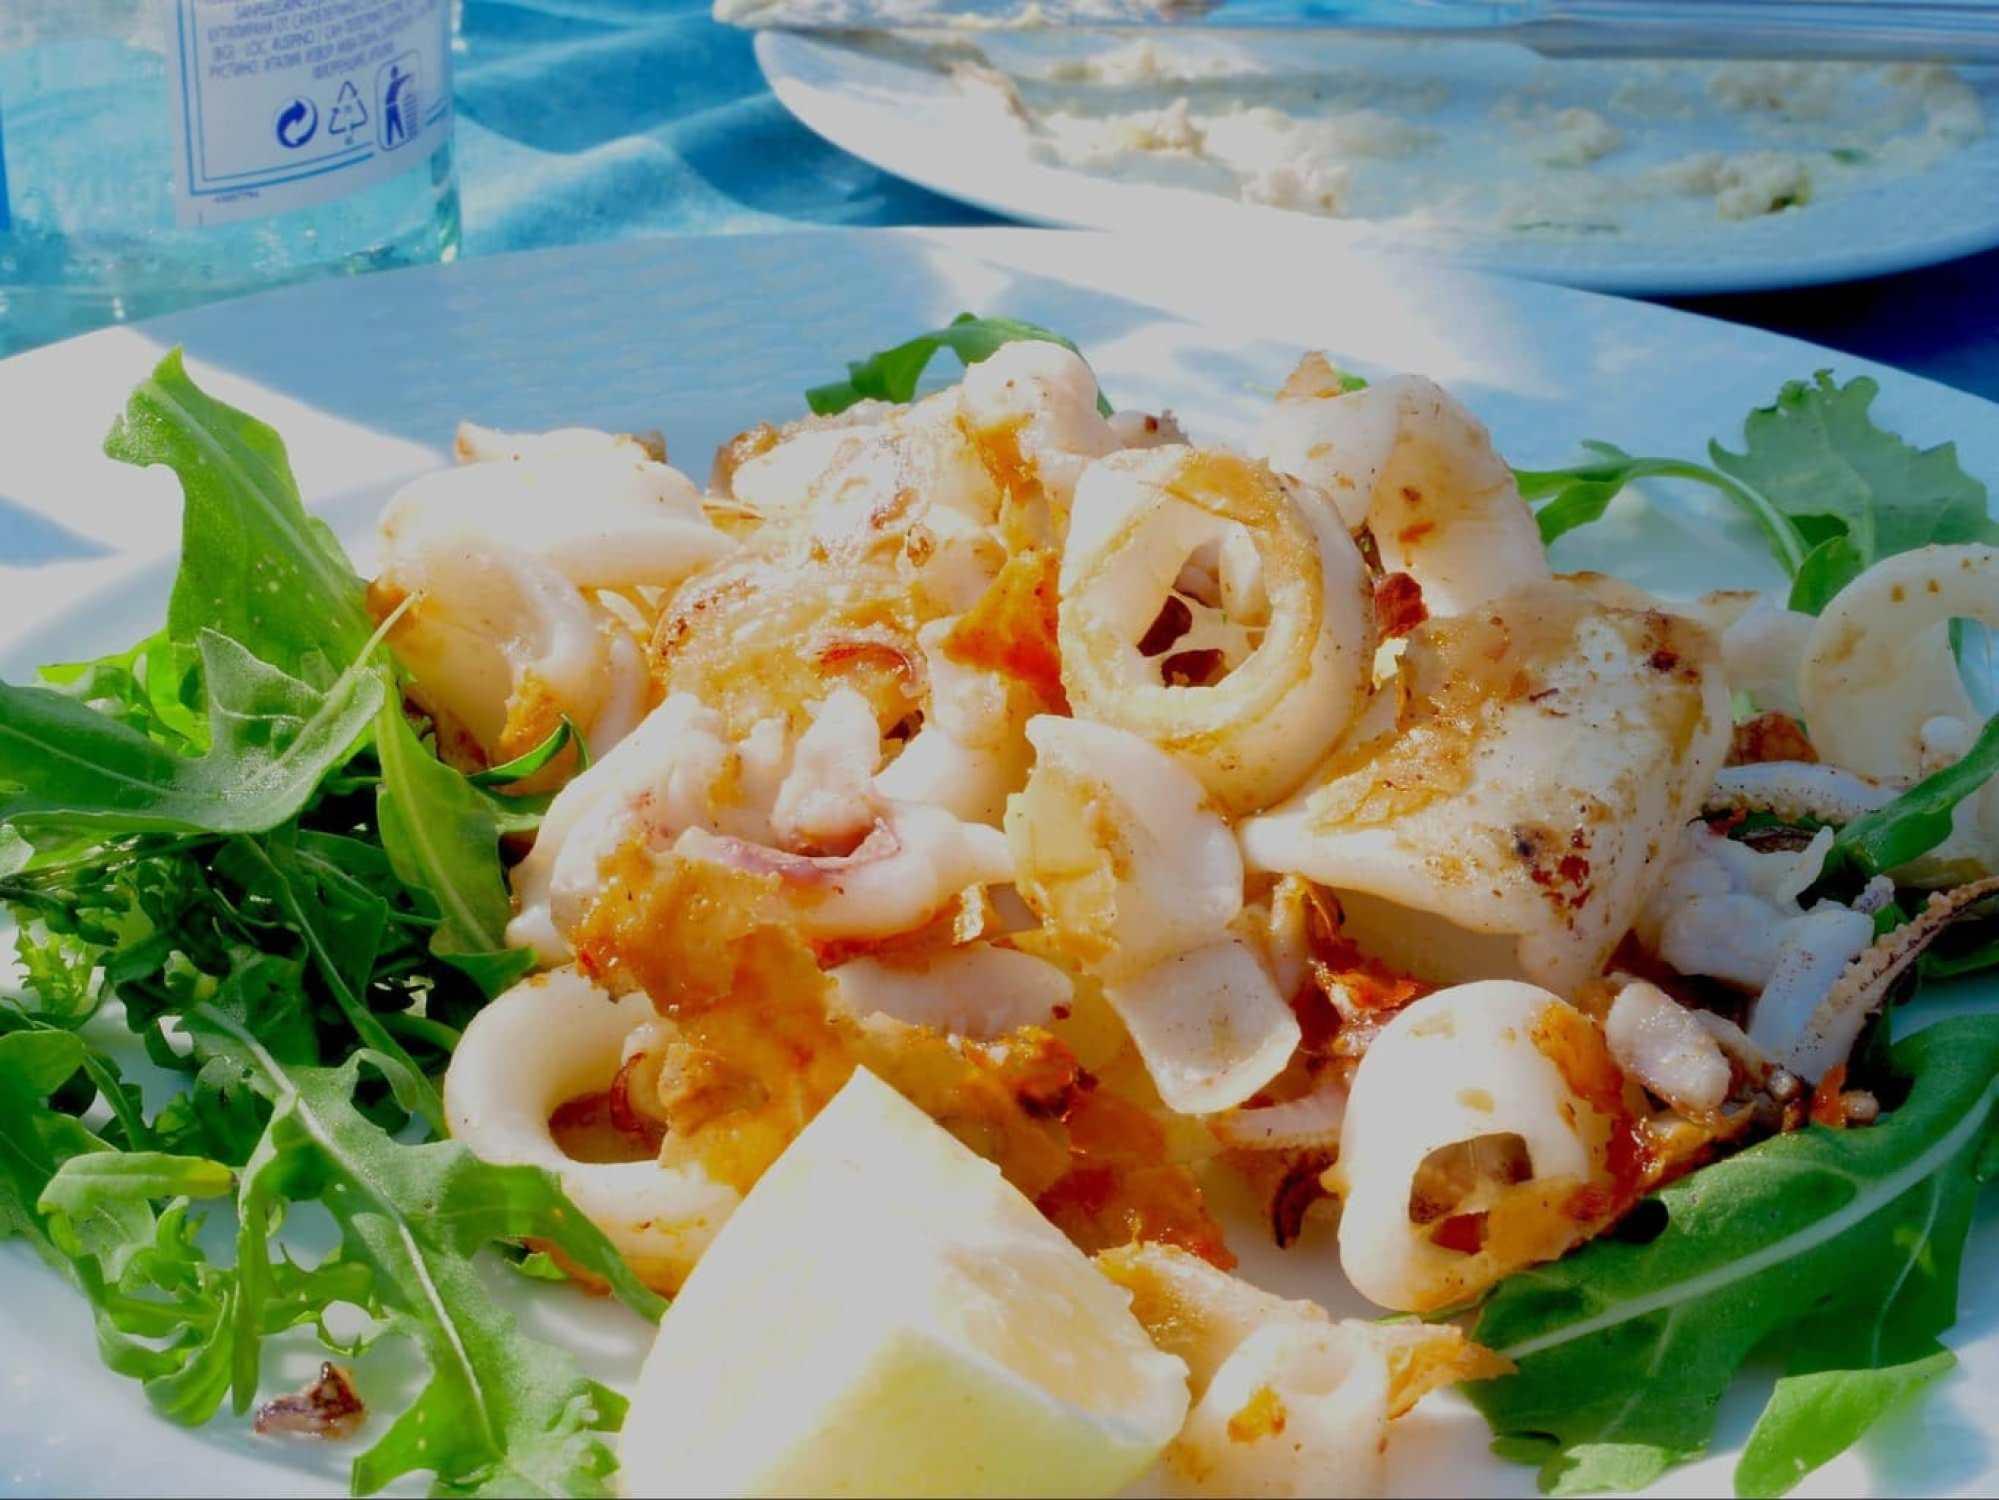 Fried calamari under the warm sun